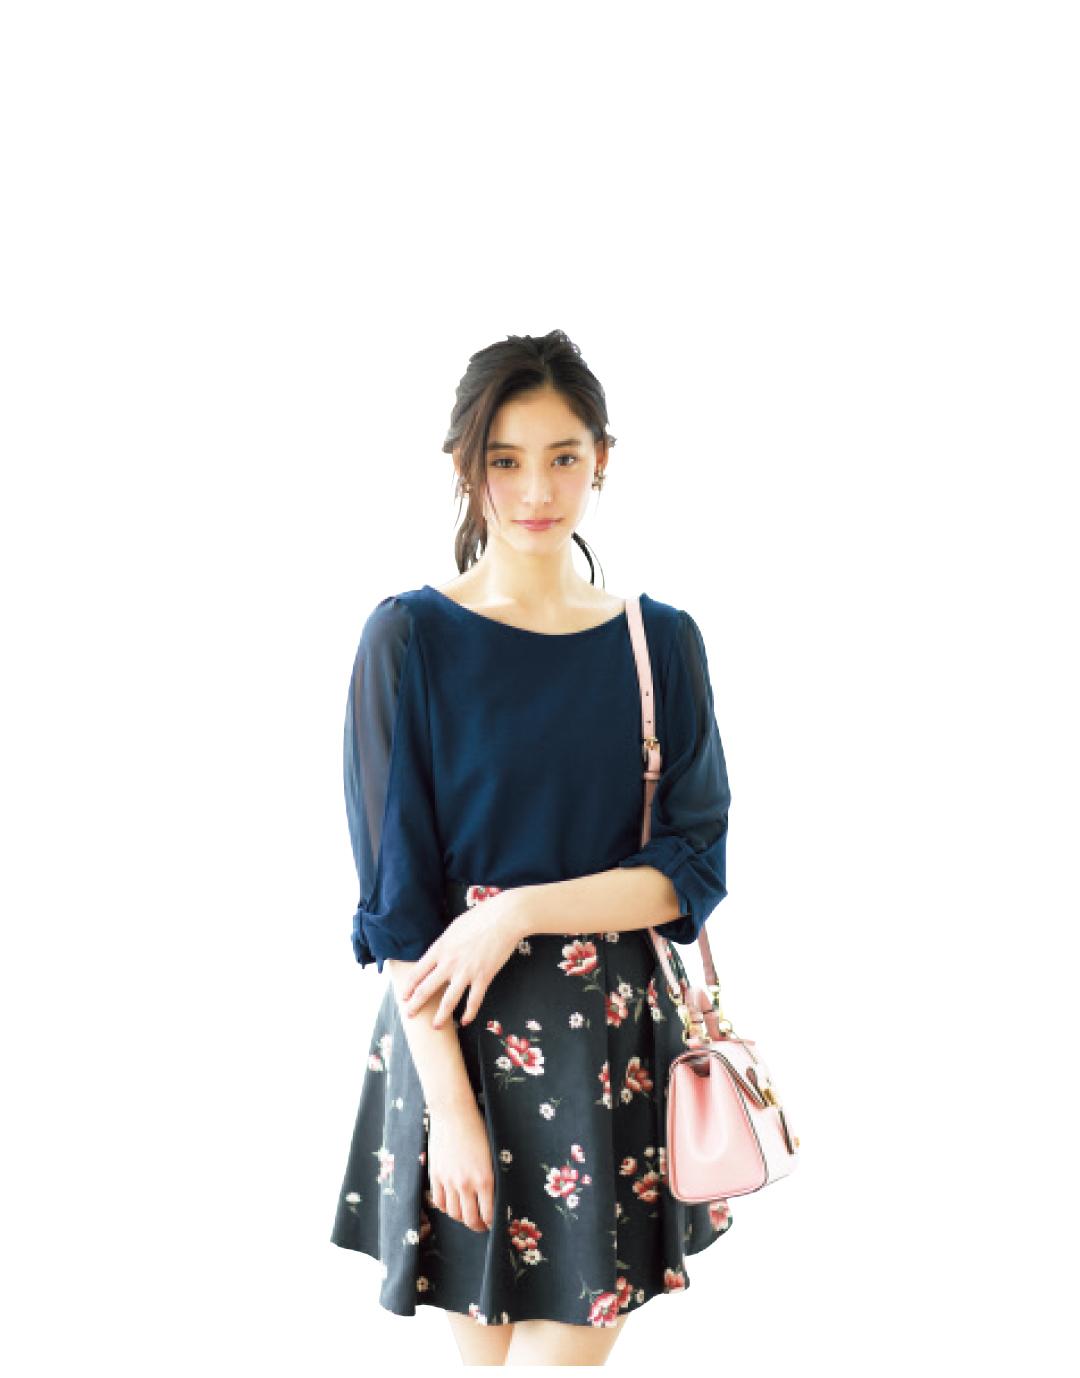 濃い色花柄スカートで、大人っぽくスタイルUPしたいときのポイントは?_1_1-1